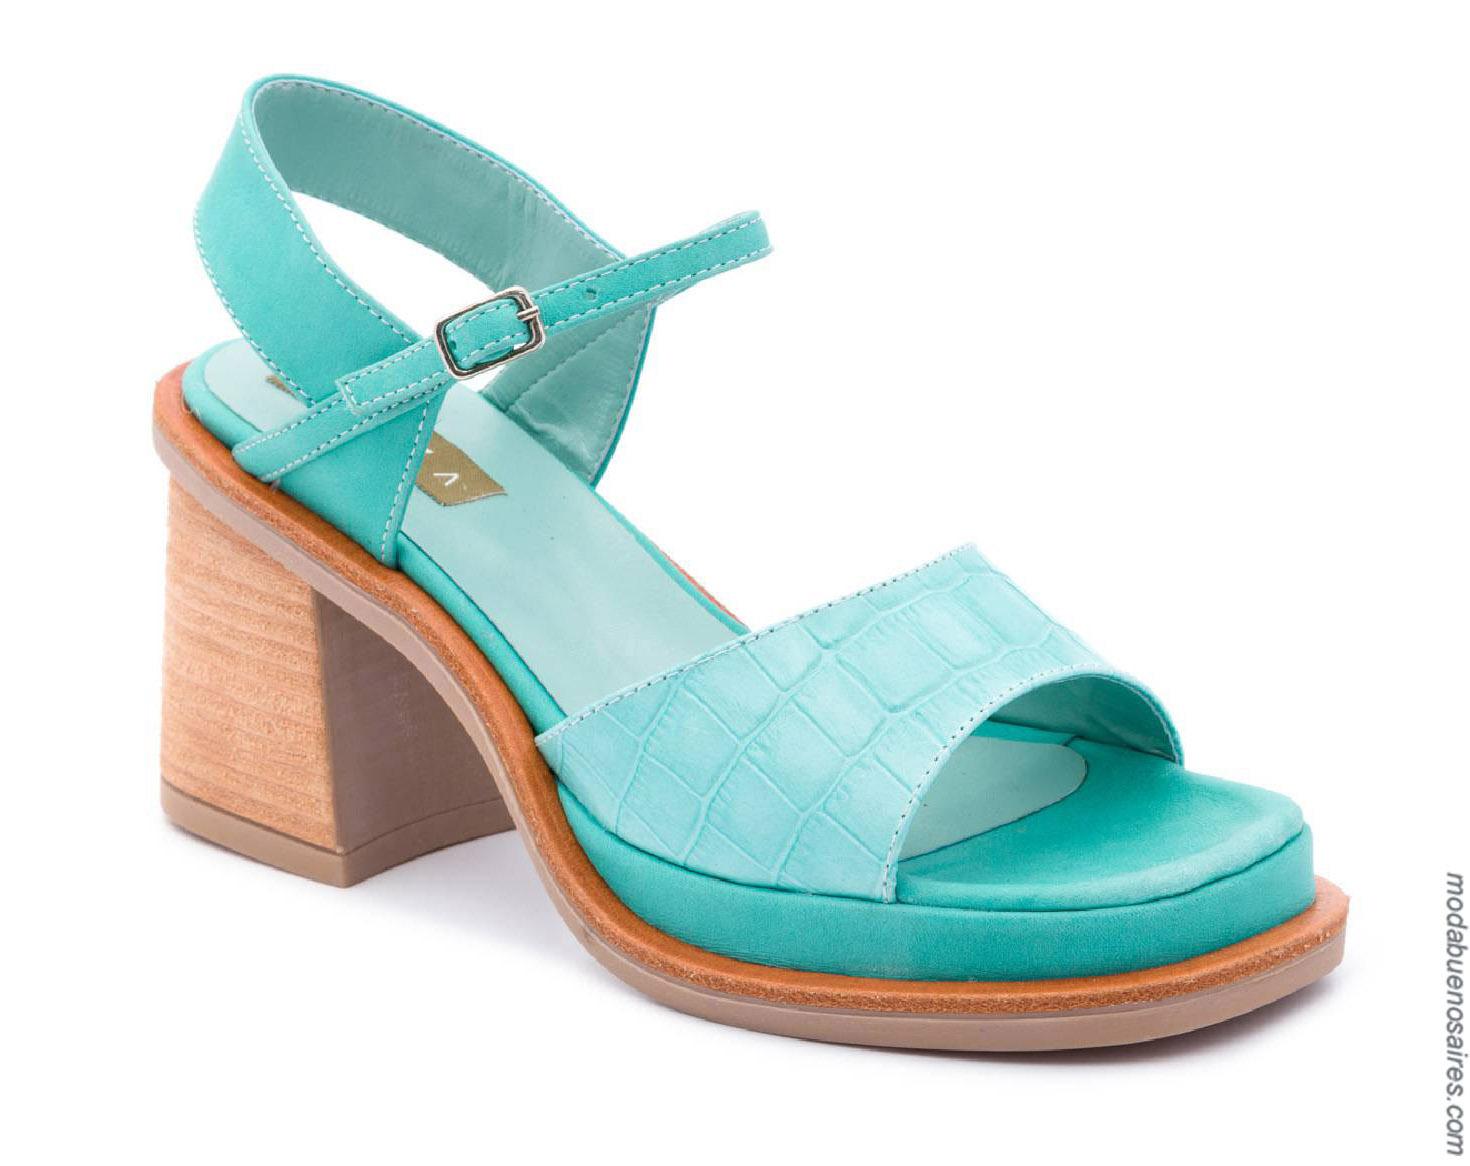 Moda primavera verano 2020 sandalias.